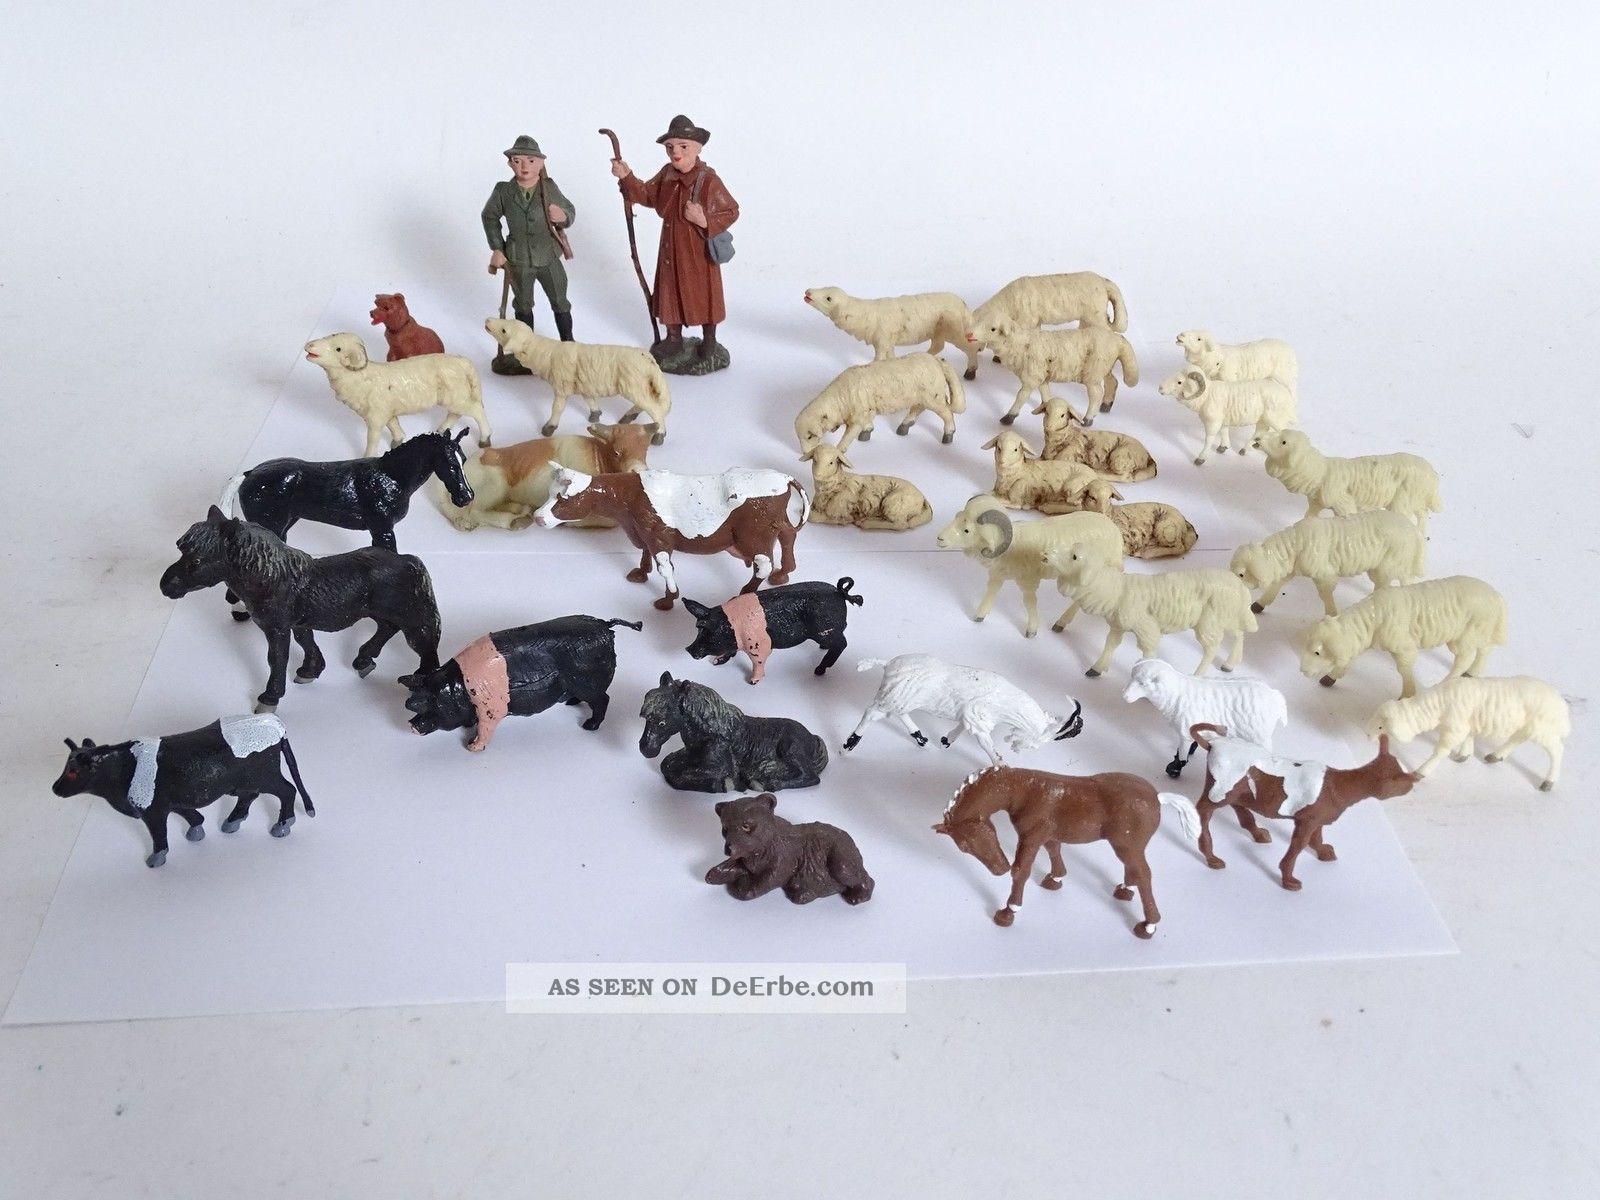 Großes Konvolut Antiker Kunststoff Aufstellfiguren Tiere Schäfer Jäger Bauernhof Gefertigt nach 1945 Bild